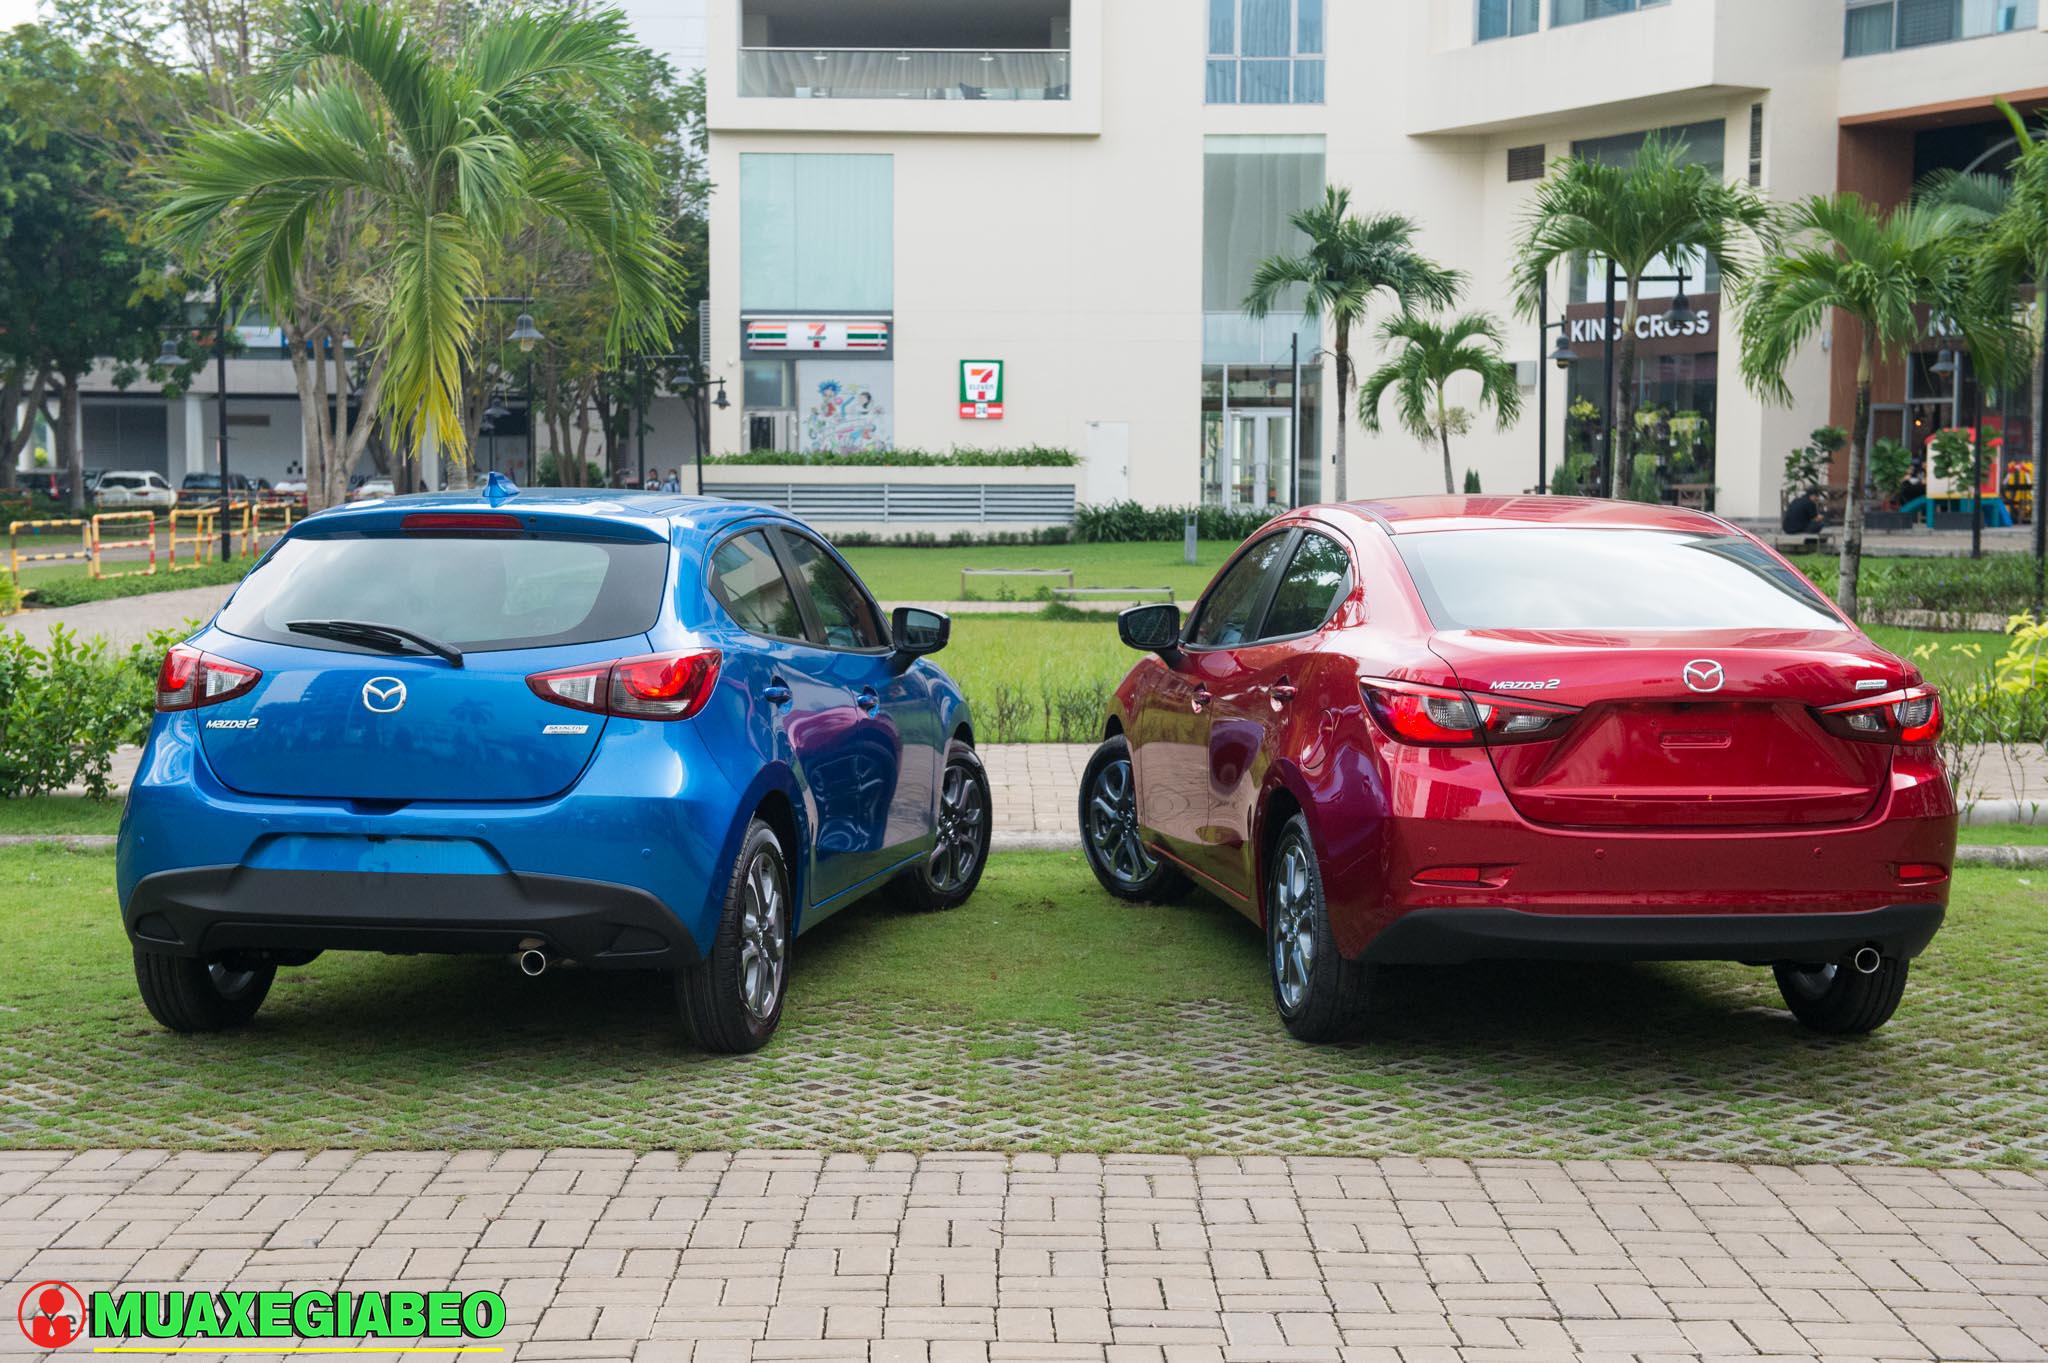 Xe Mazda 2 anh 2 - Mazda 2 [hienthinam]: thông số, giá xe & khuyến mãi tháng [hienthithang]